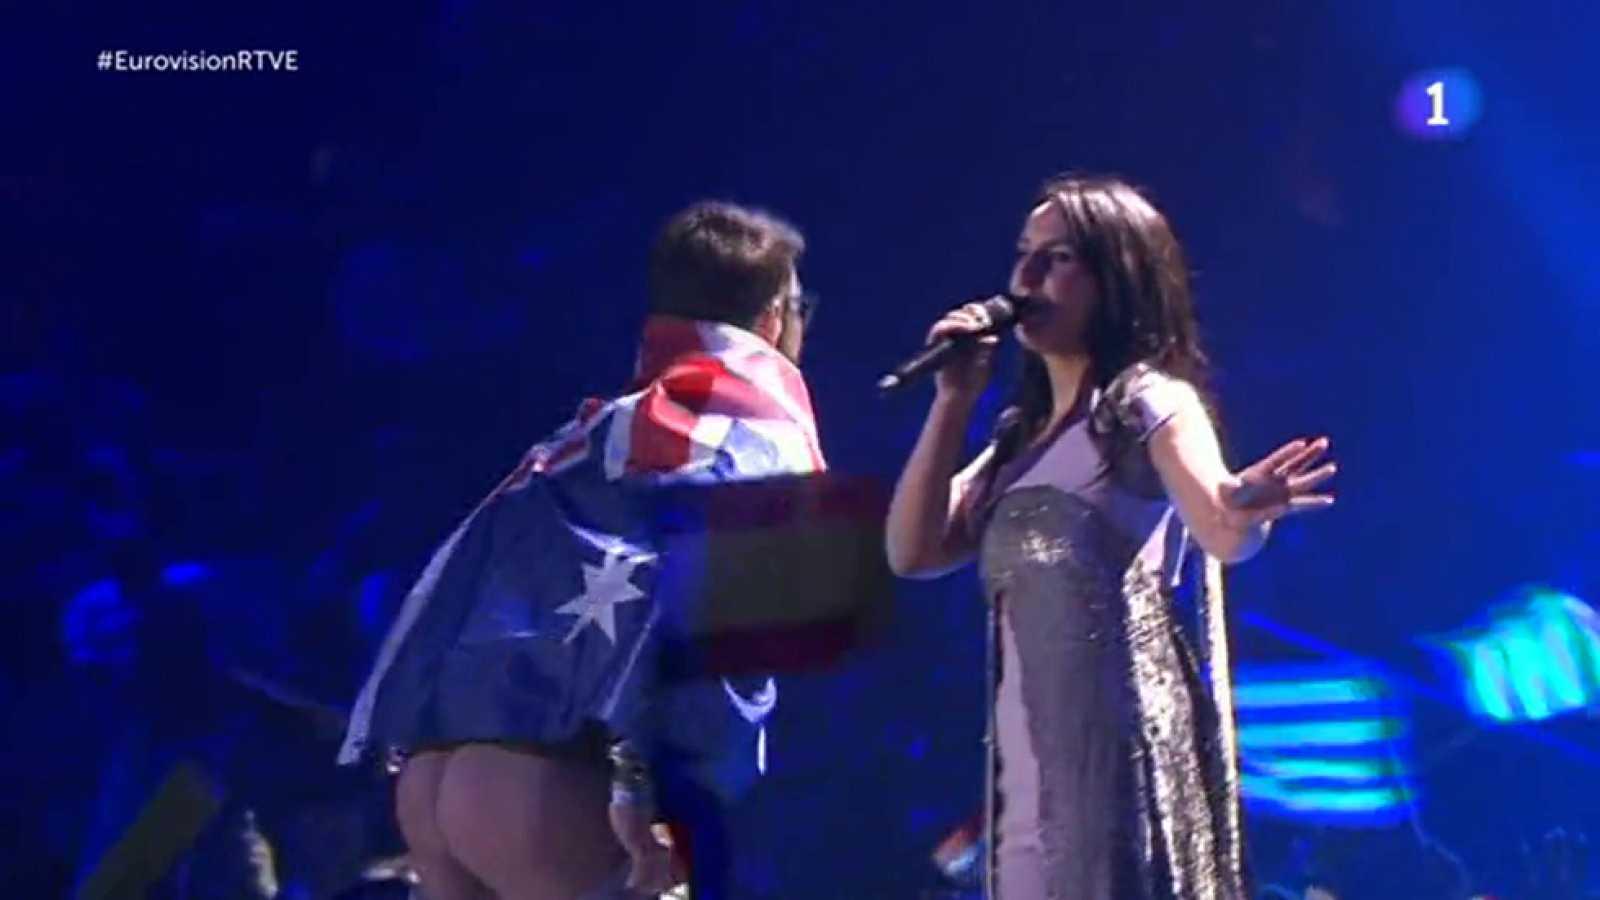 Eurovisión 2017 - Un espontáneo irrumpe en la actuación de Jamala